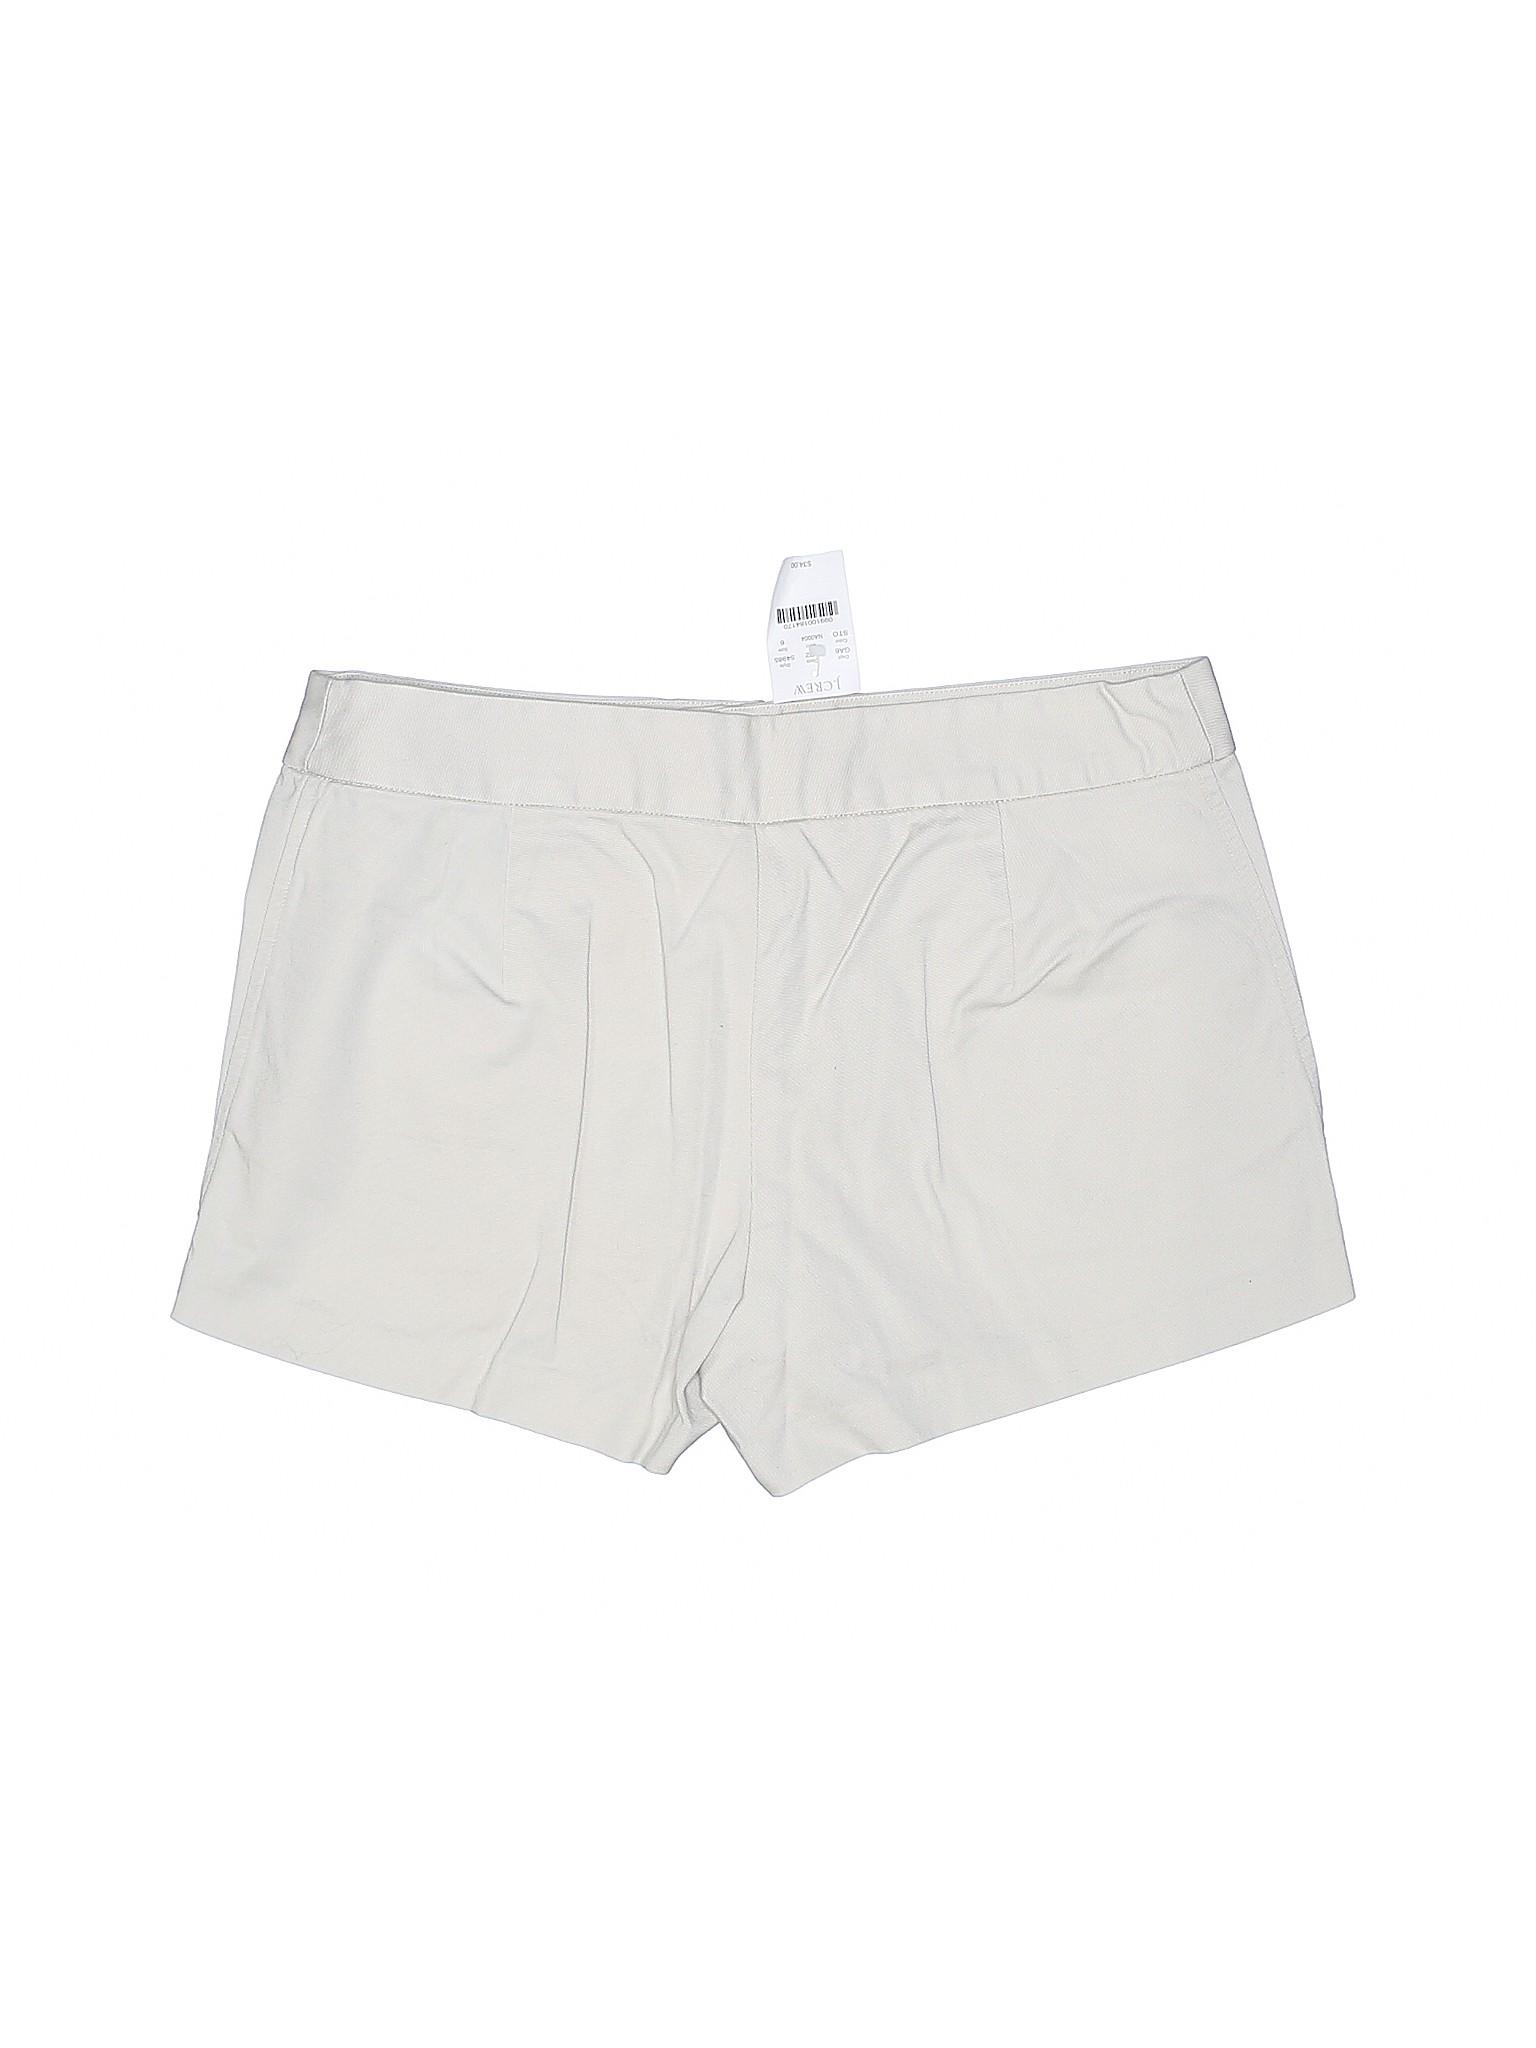 Boutique Shorts Boutique J J Khaki Crew dH6qzadwf